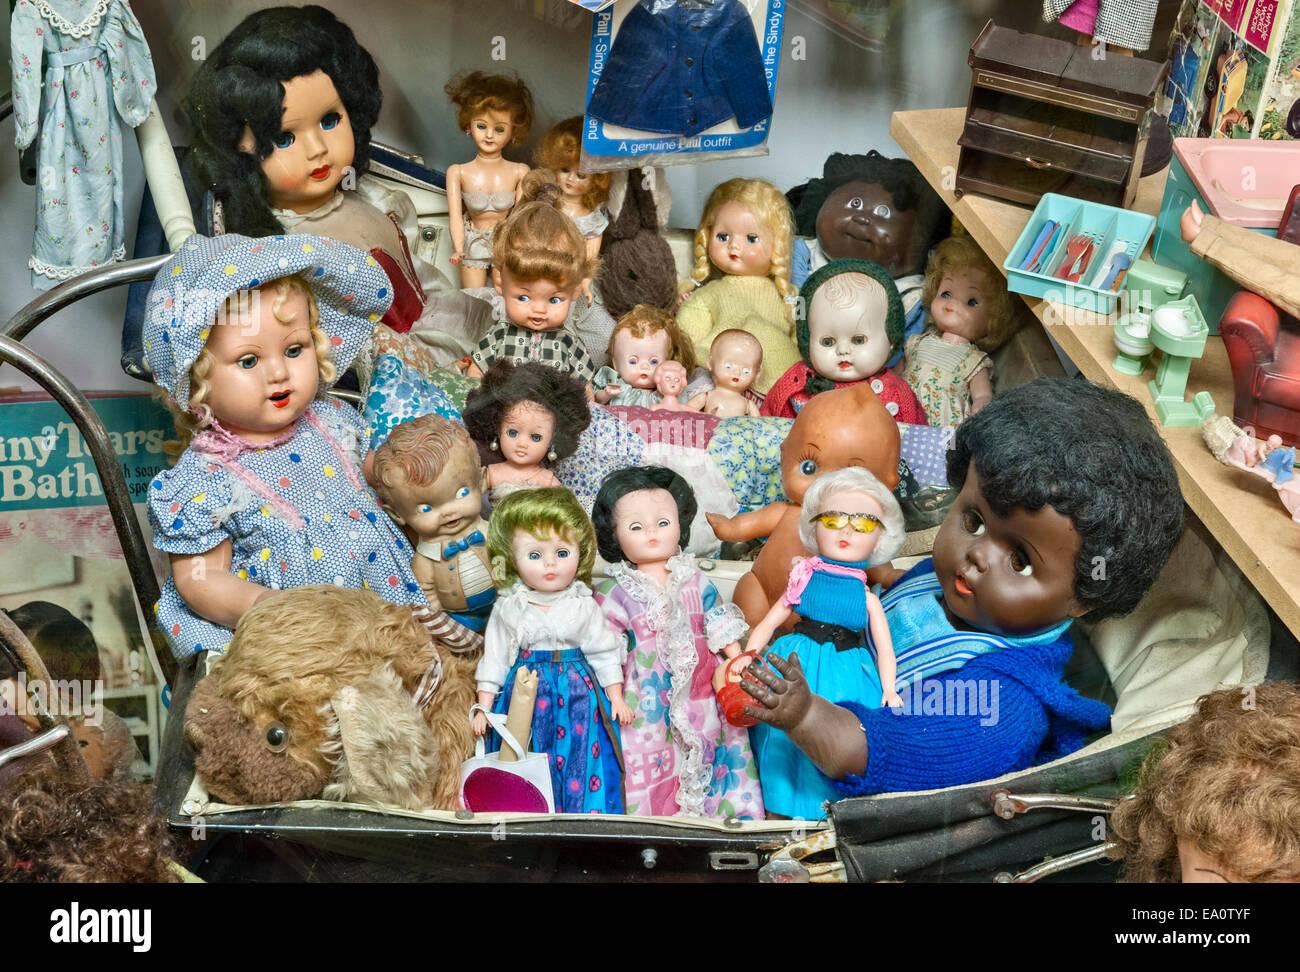 La terre de contenu perdu , un musée de la culture populaire britannique 20c, Craven Arms, Shropshire. Dolls Photo Stock